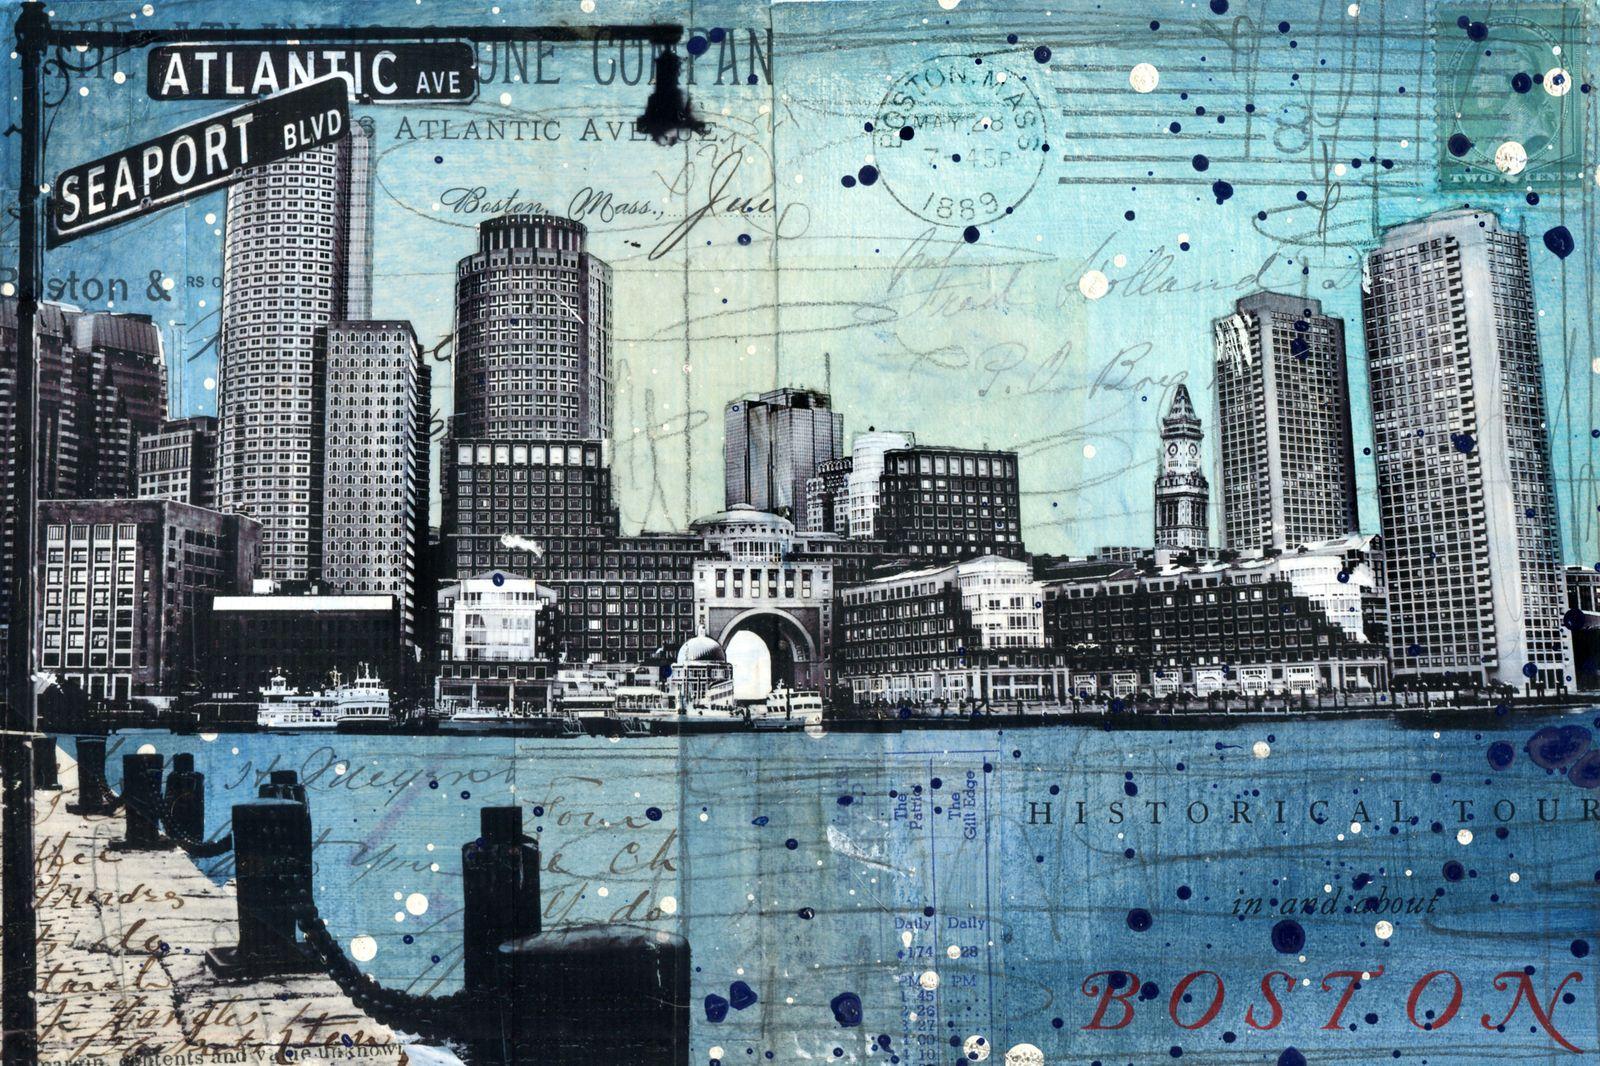 Artistic portrait of Boston area